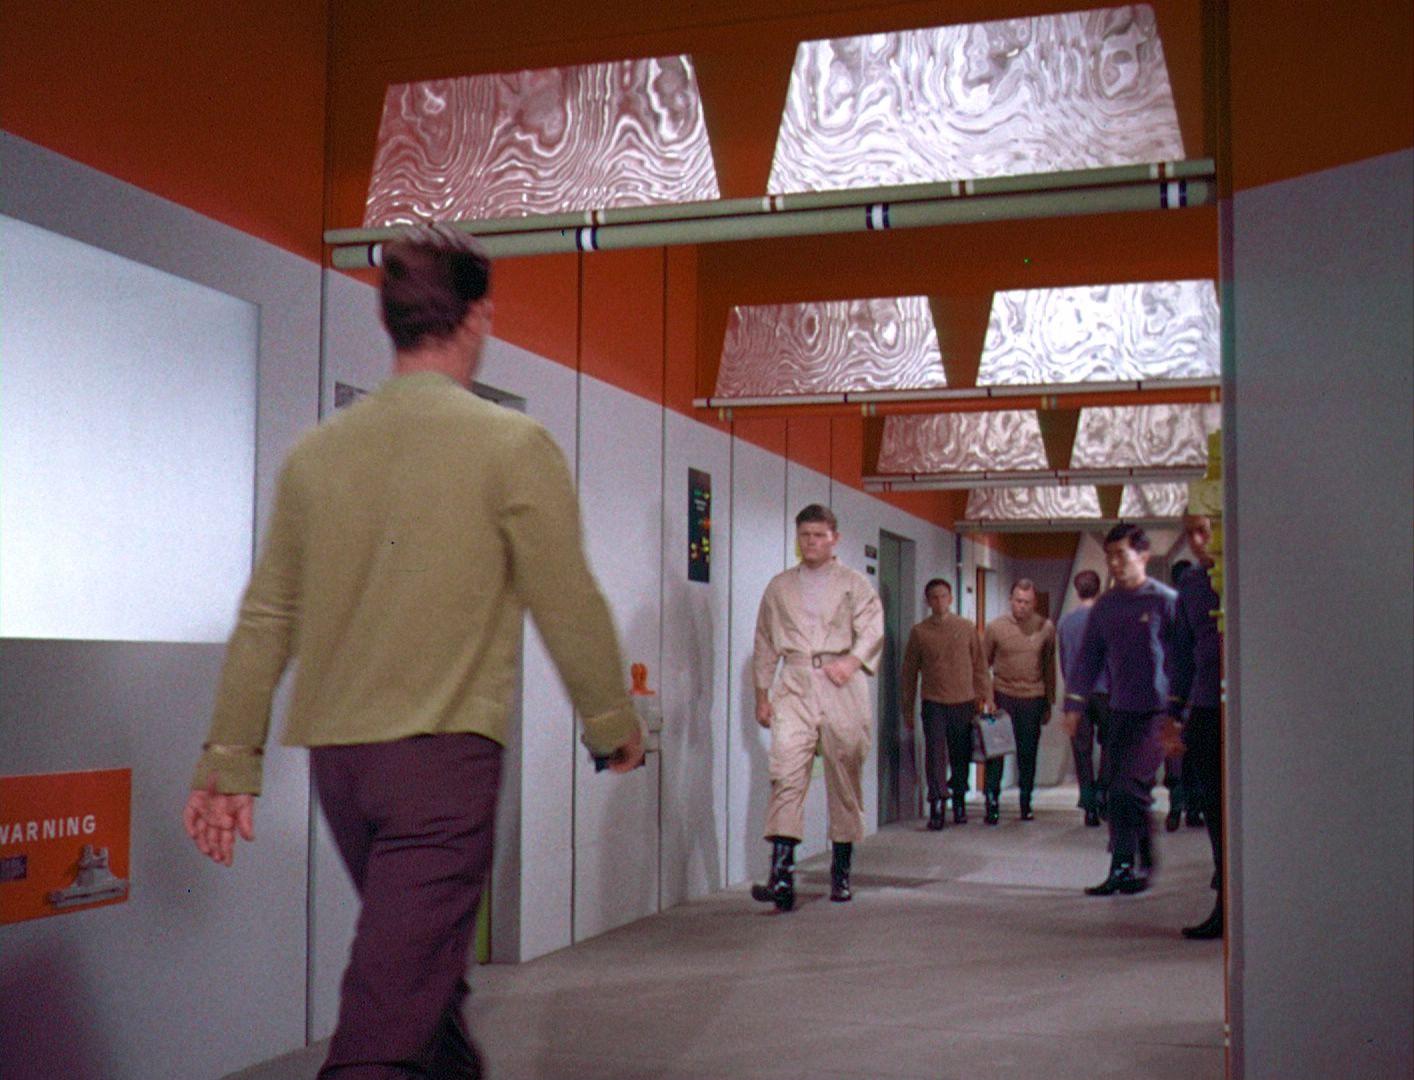 A corridor in Star Trek TOS